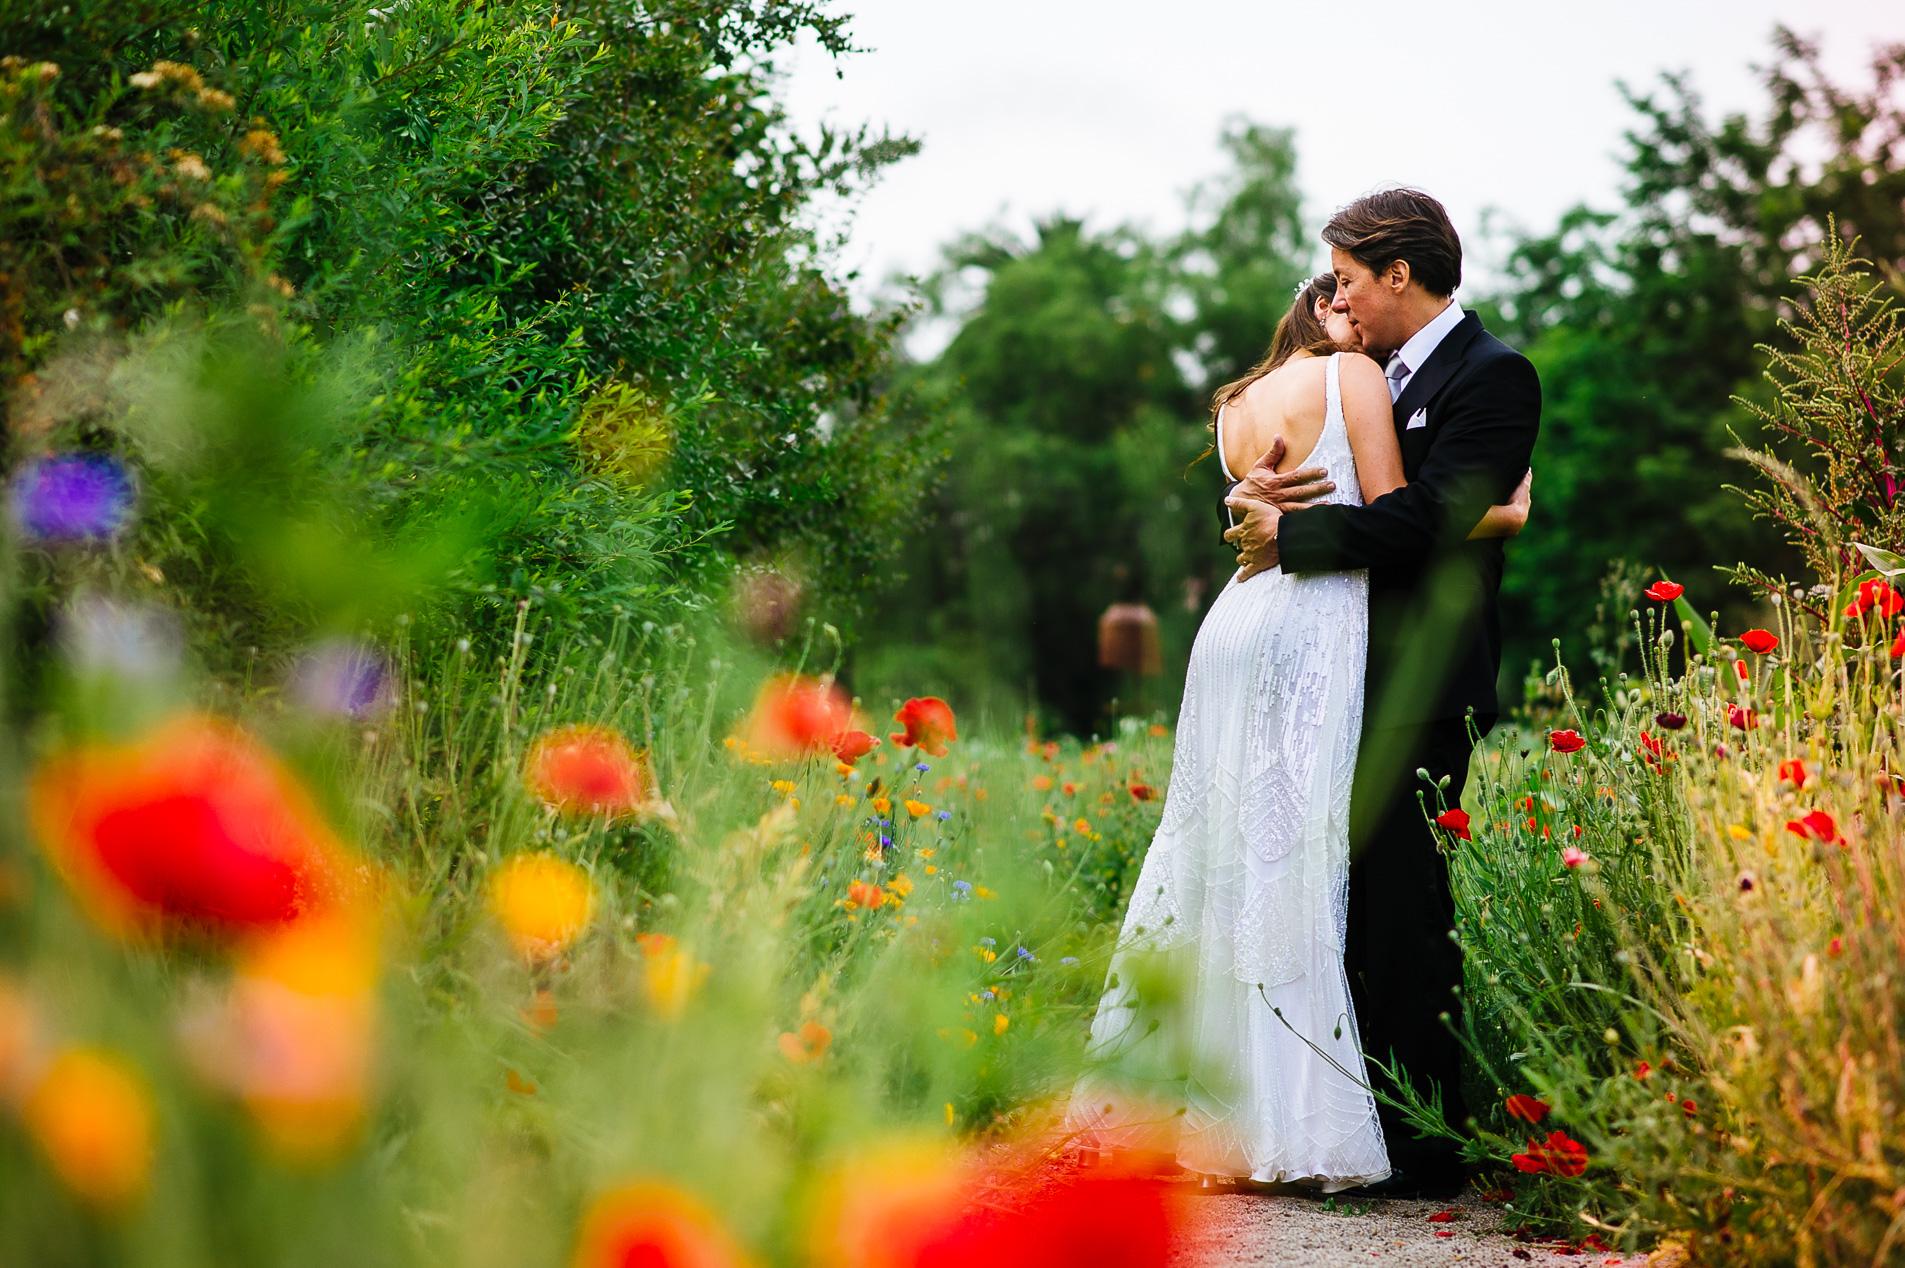 matrimonio-casona-reina-sur-27